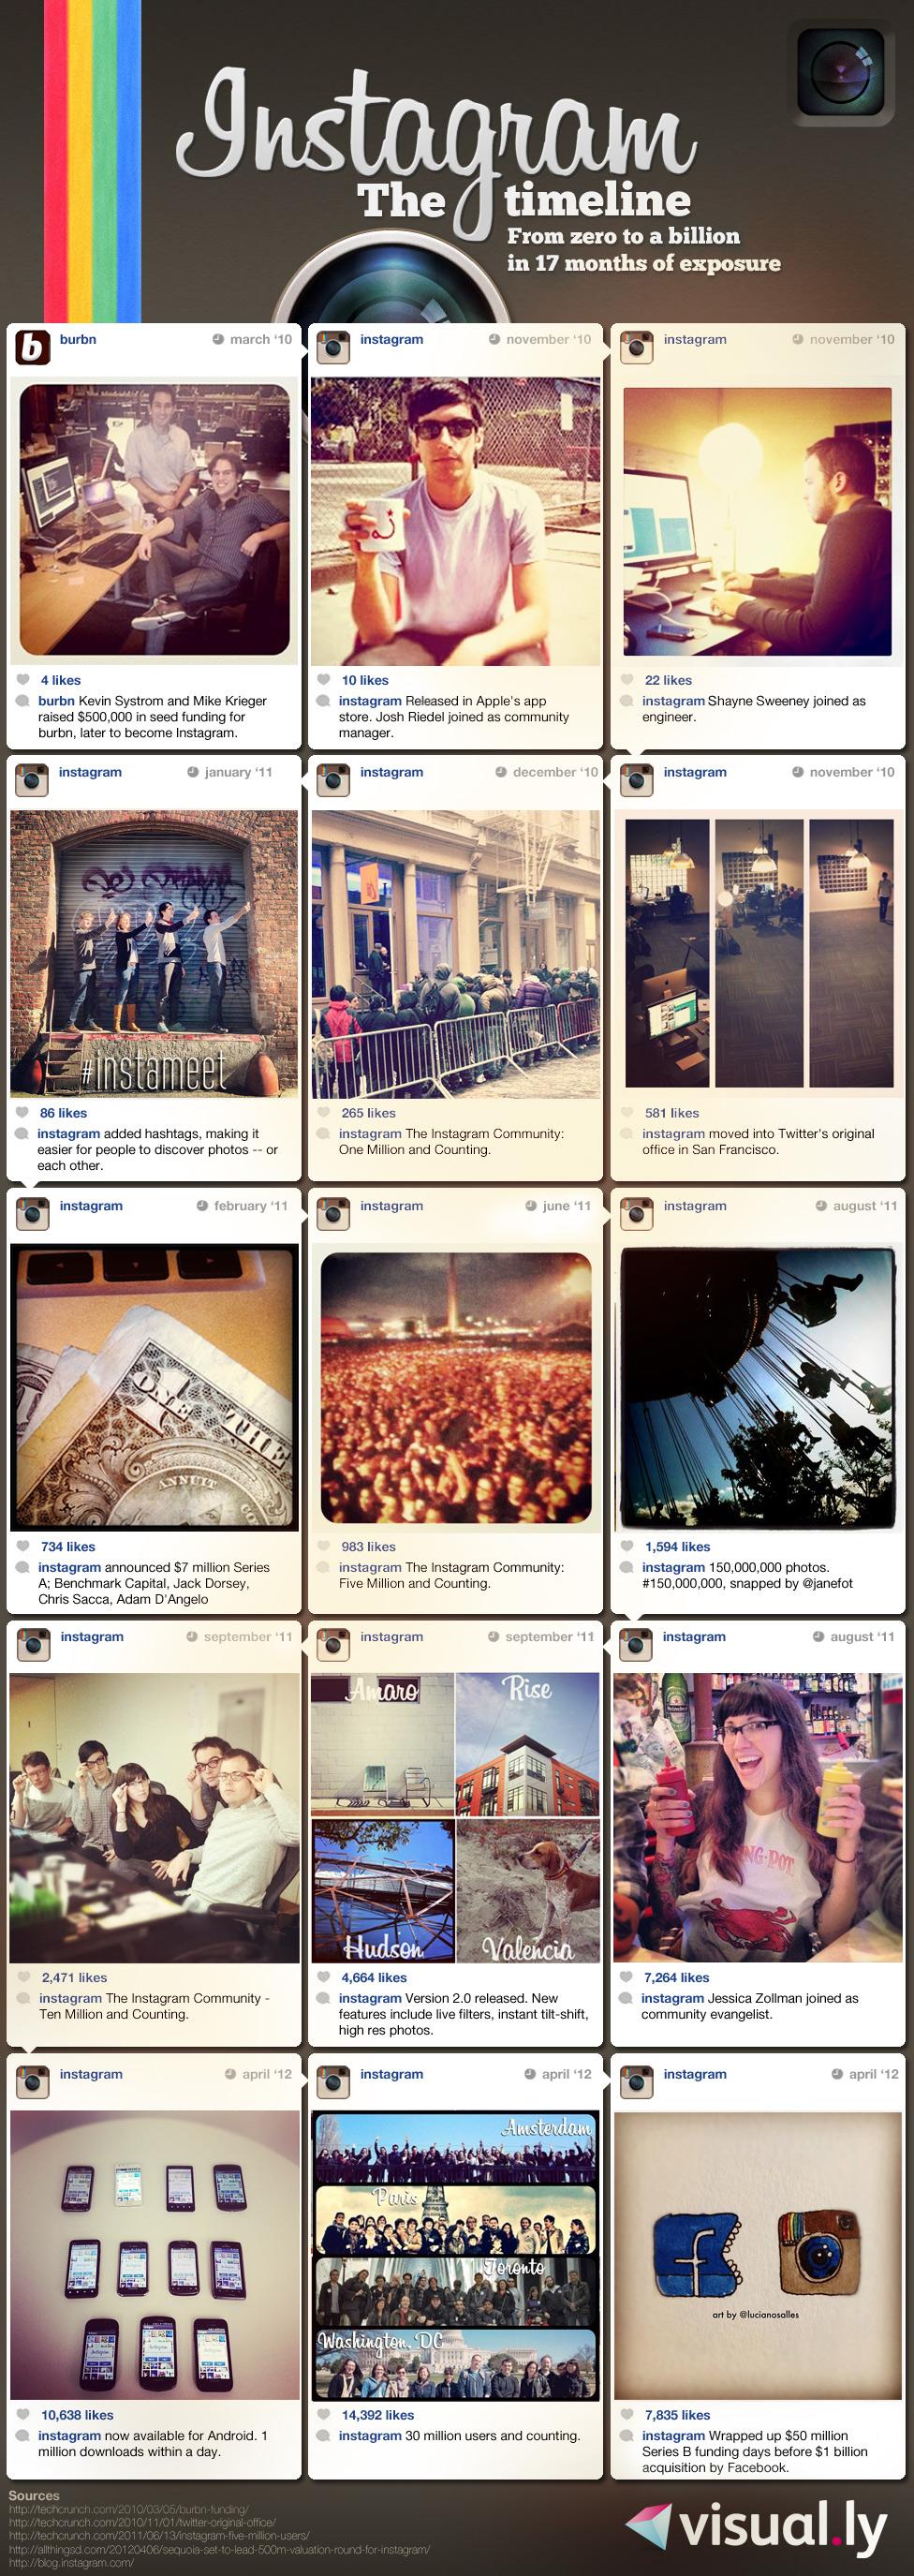 InstagramFromZerotoaBillion 4f84a1f86f668